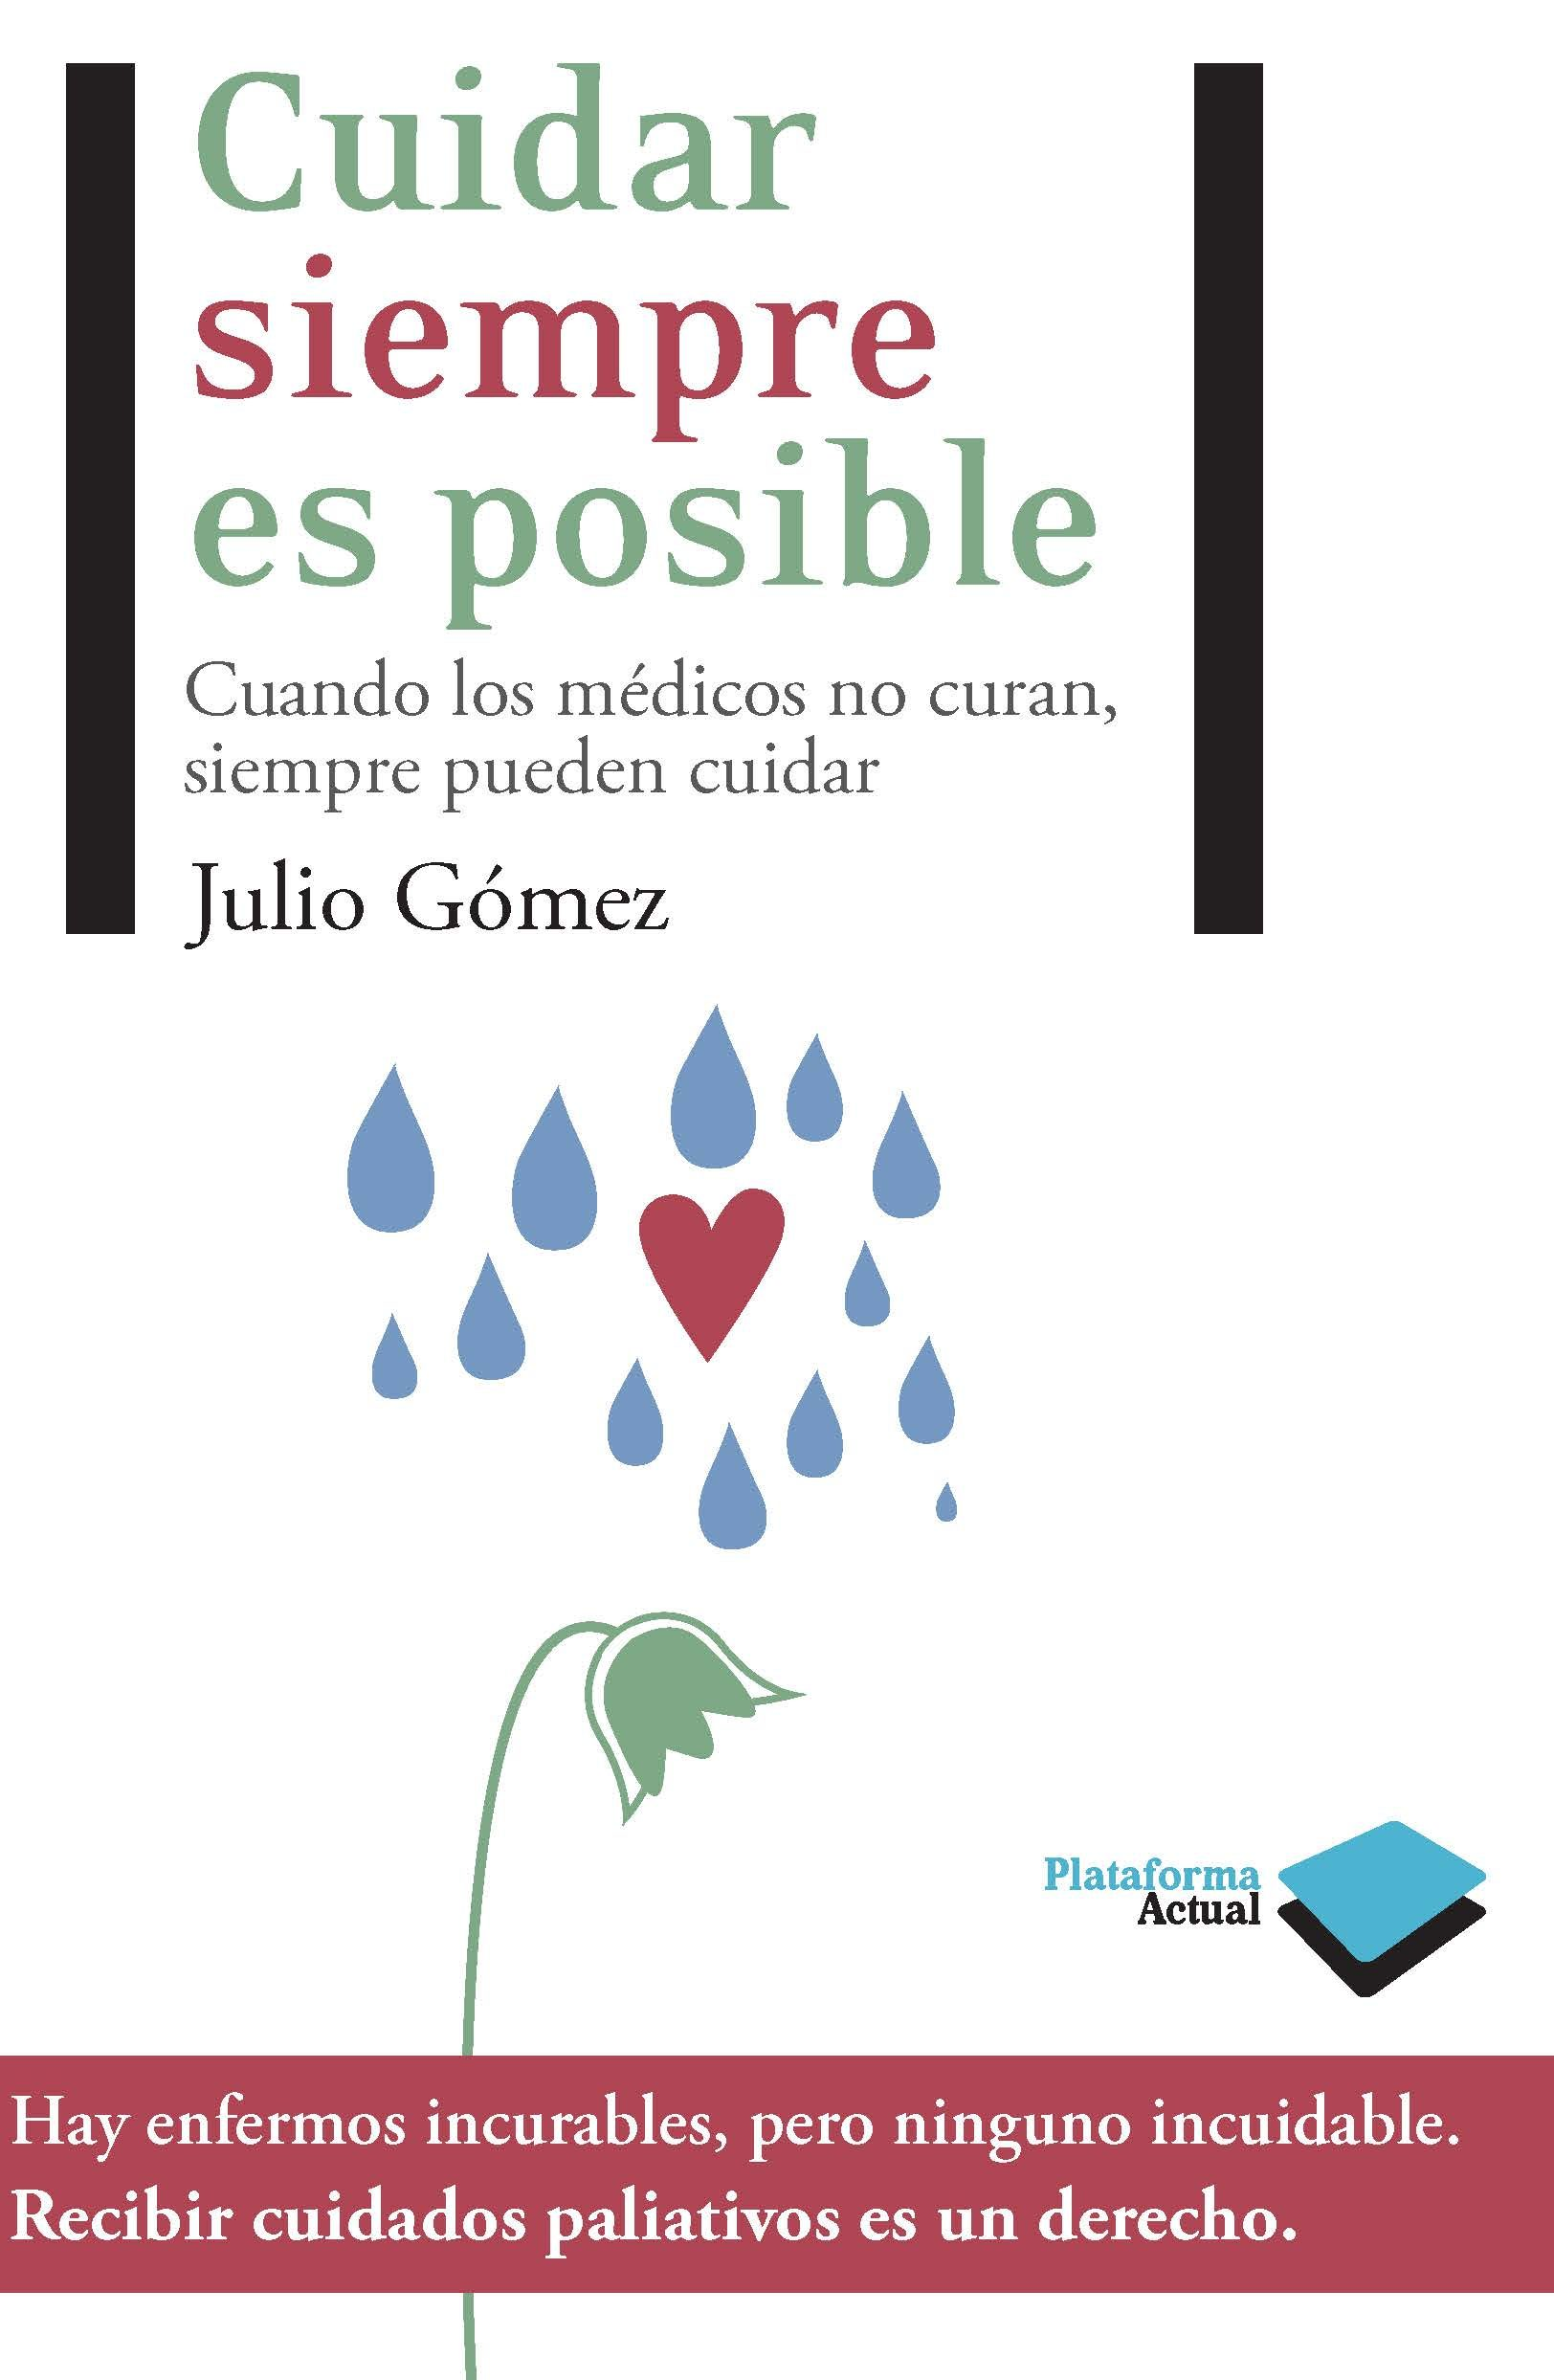 Cuidar Siempre Es Posible: Cuando Los Medicos No Curan Siempre Pu Eden Cuidar por Julio Gomez Cañedo